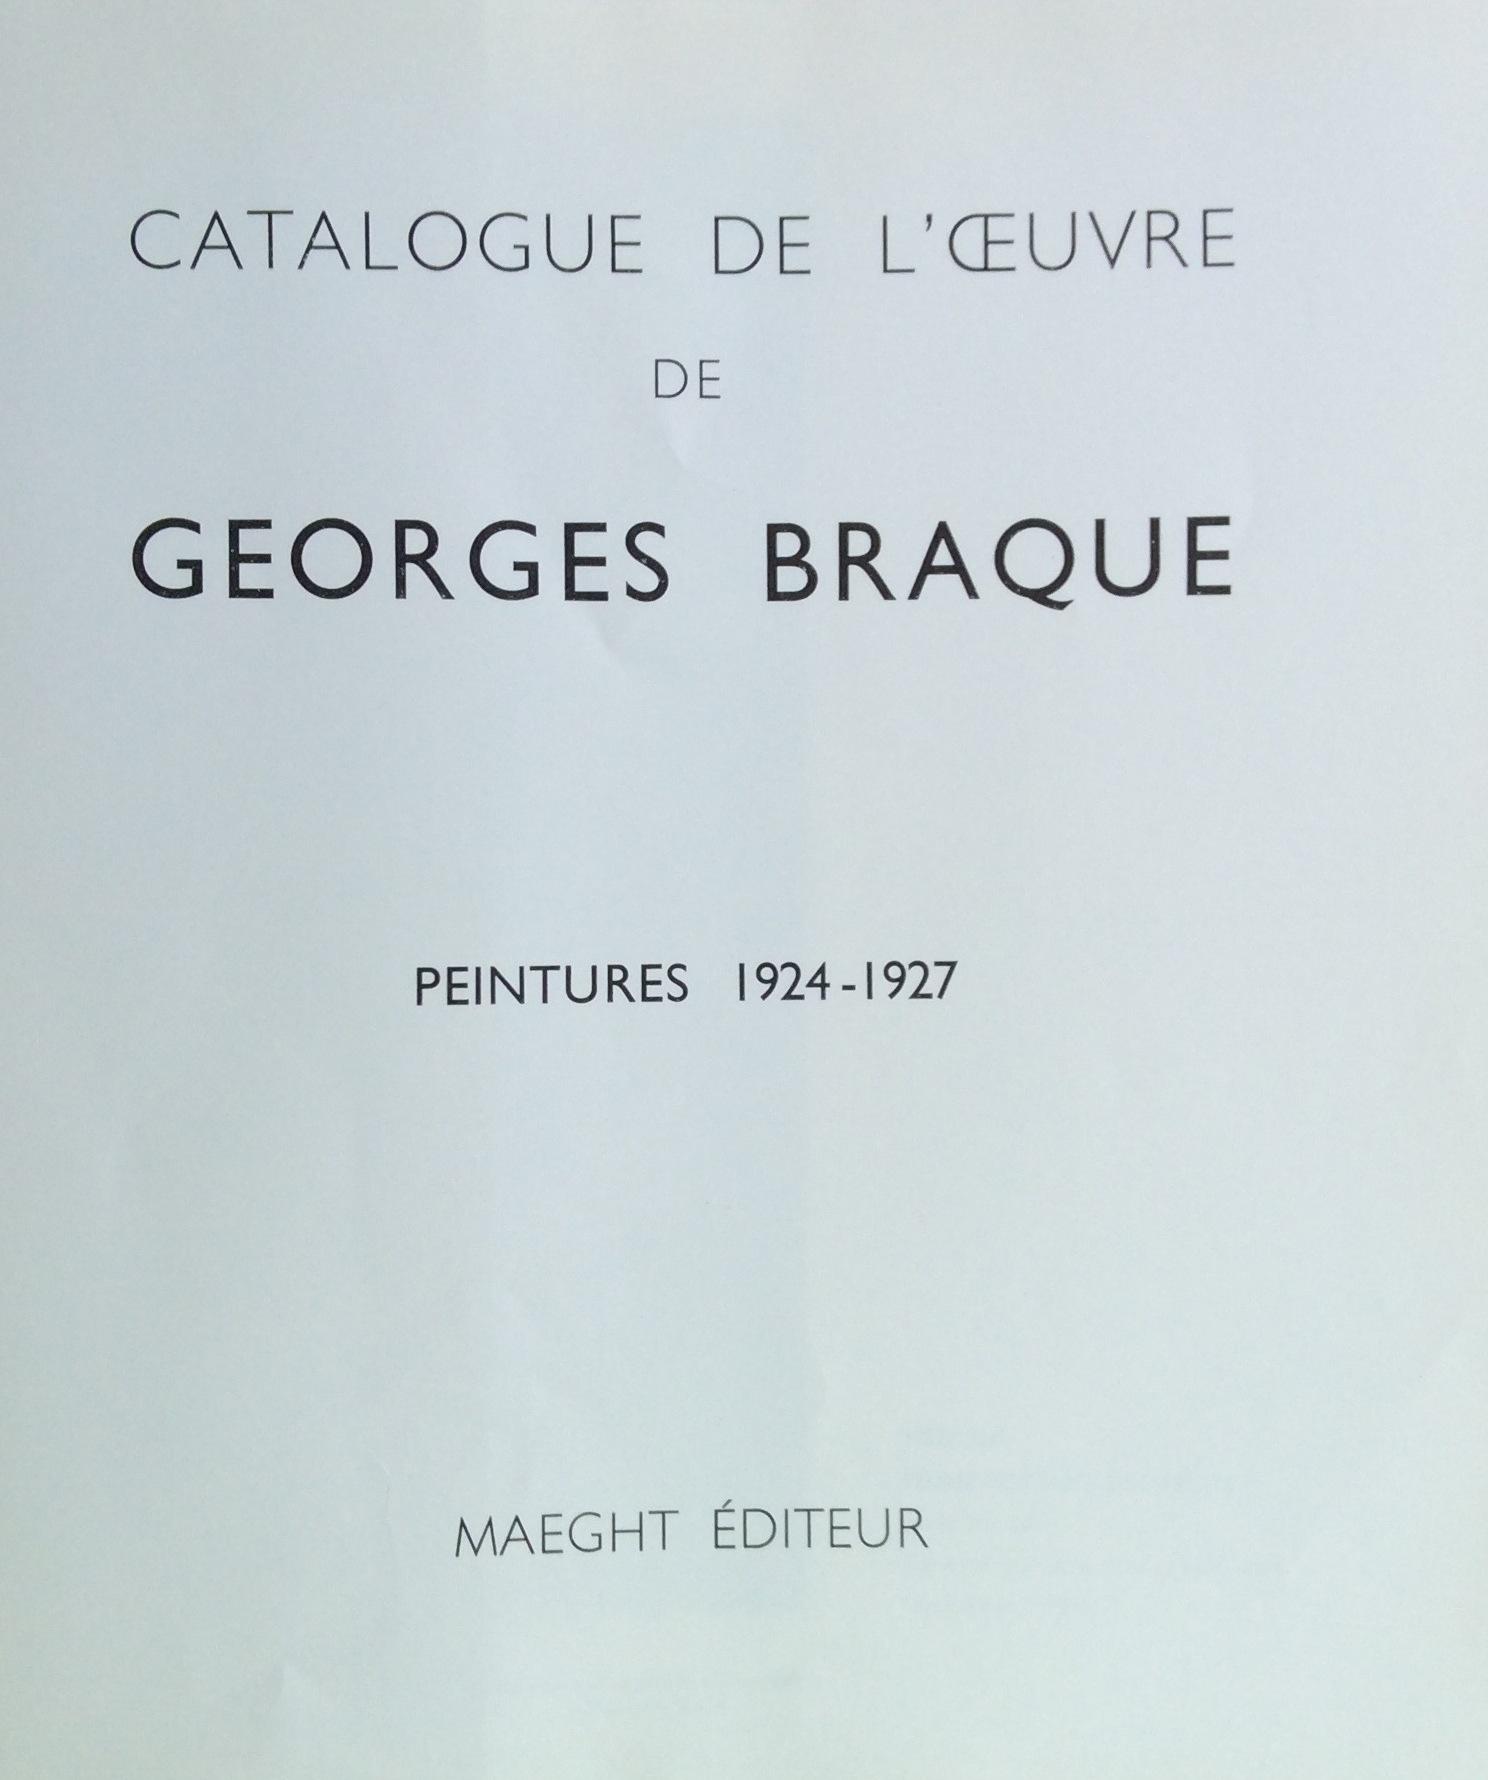 8F BRAQUE GEORGES Peintures 1924-1927